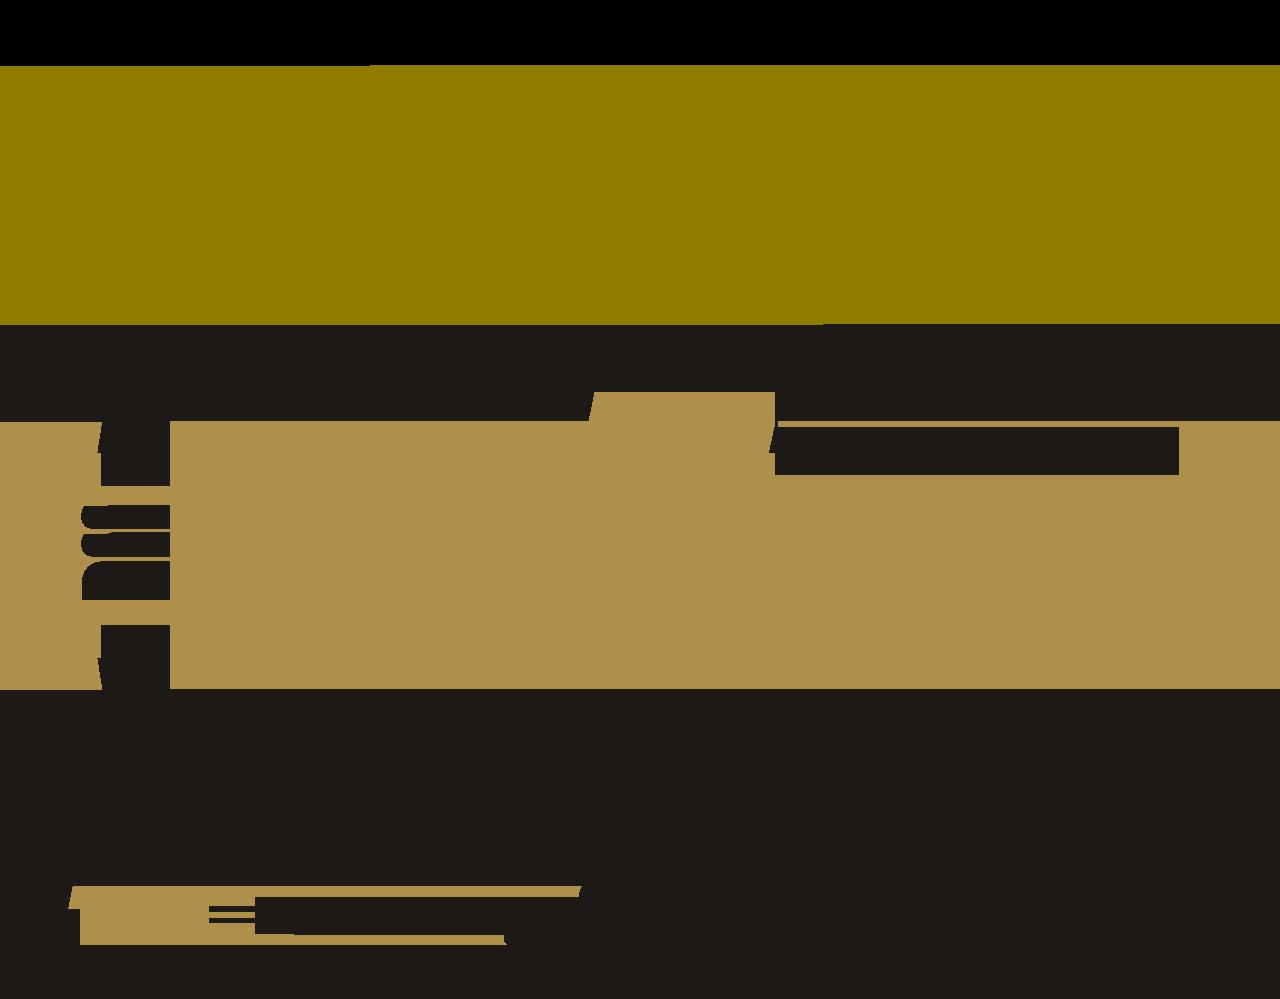 SAN-BF1